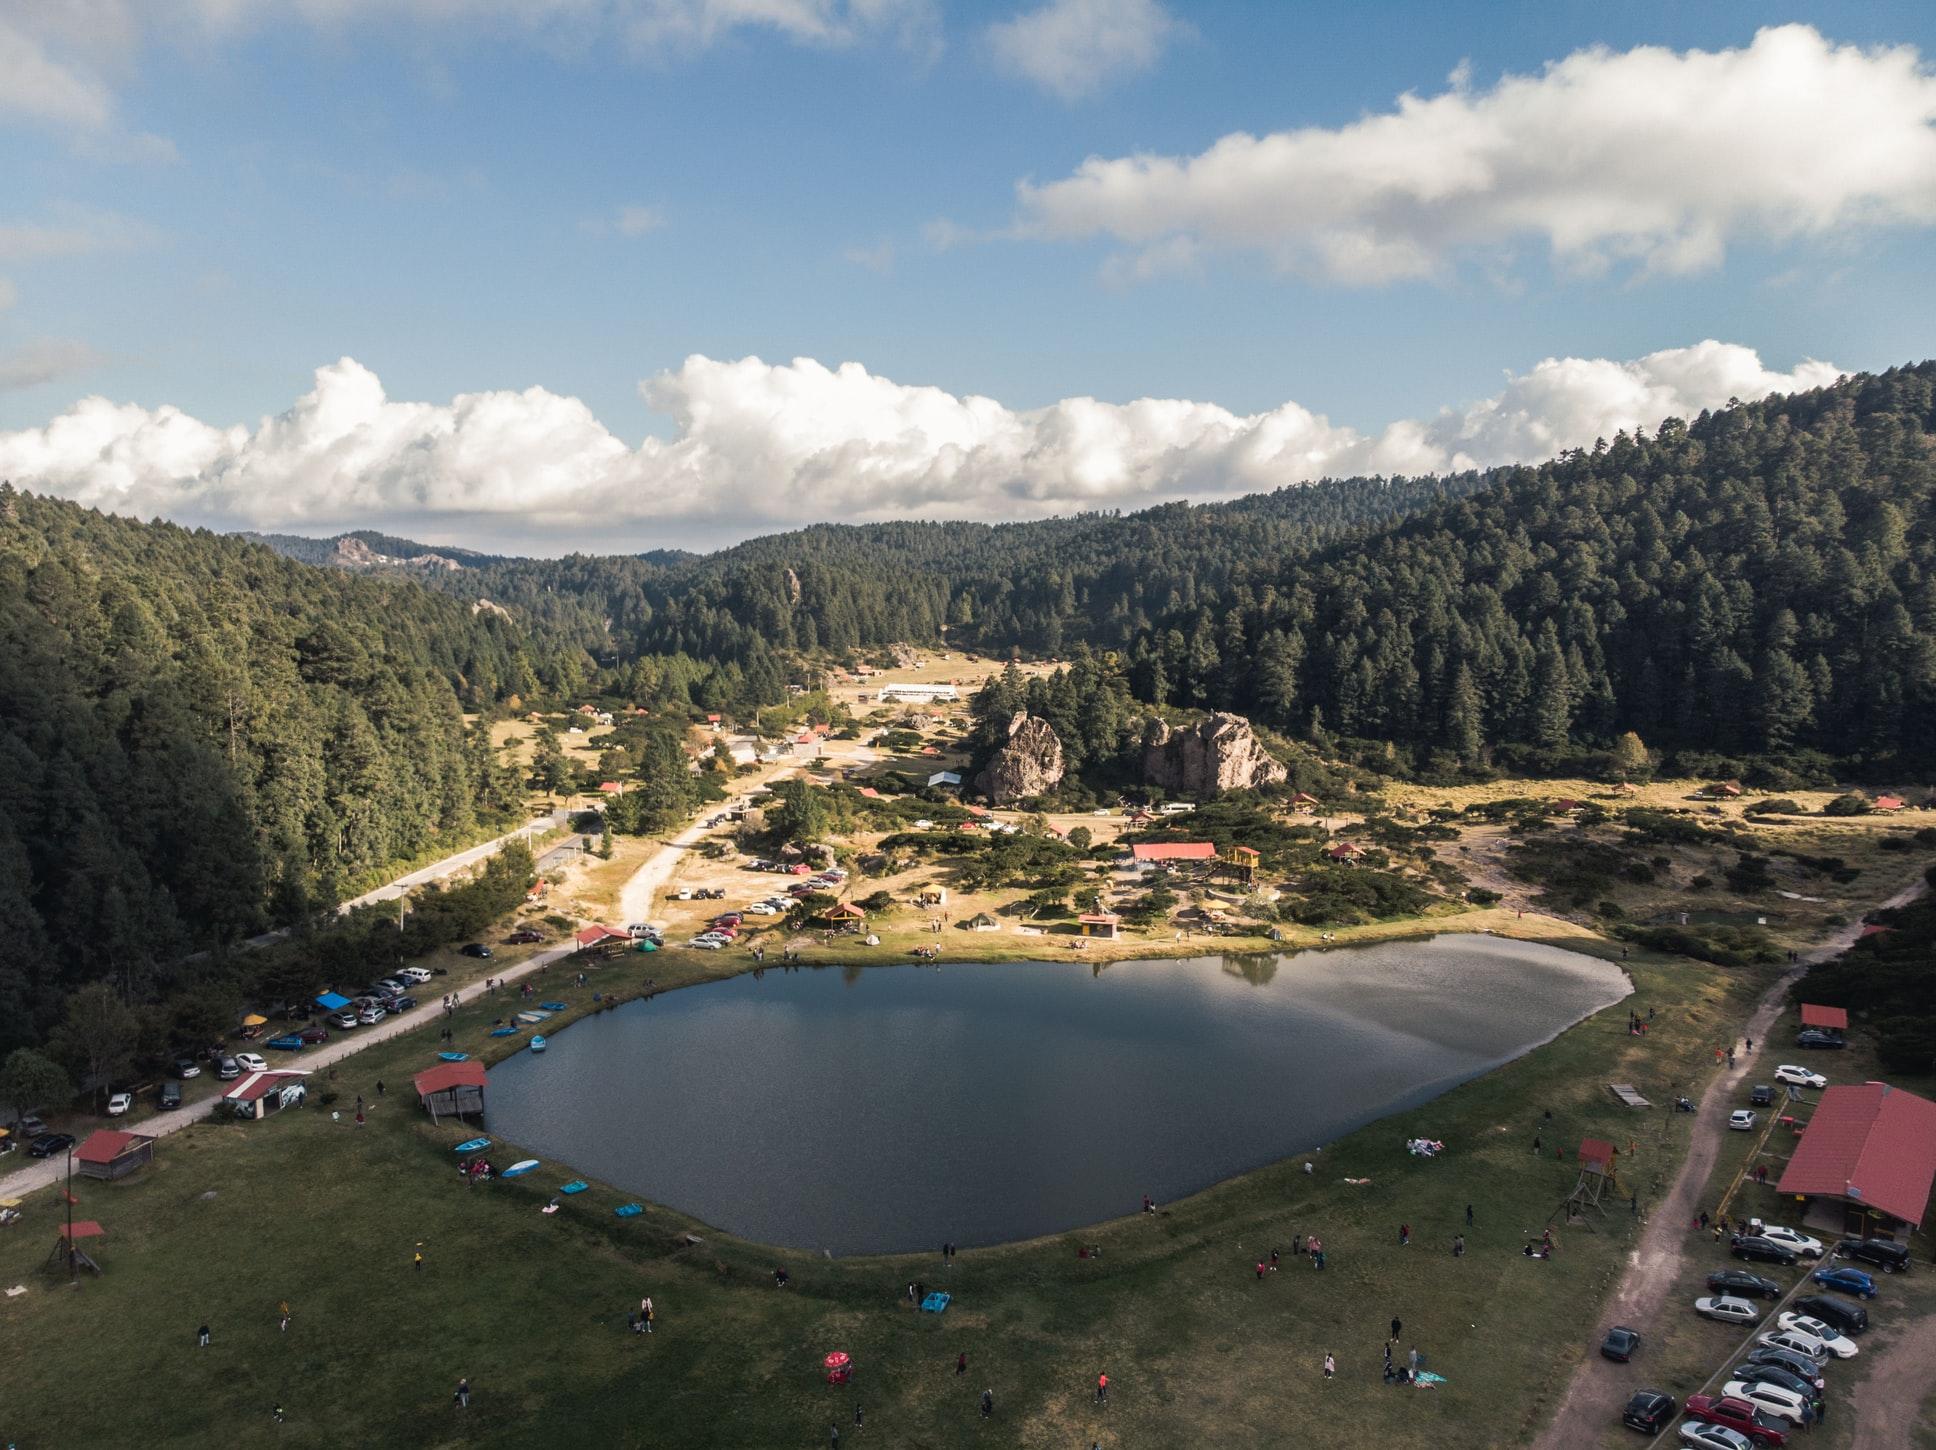 7 sitios con ríos y lagos para caminar y hacer senderismo cerca de la CDMX